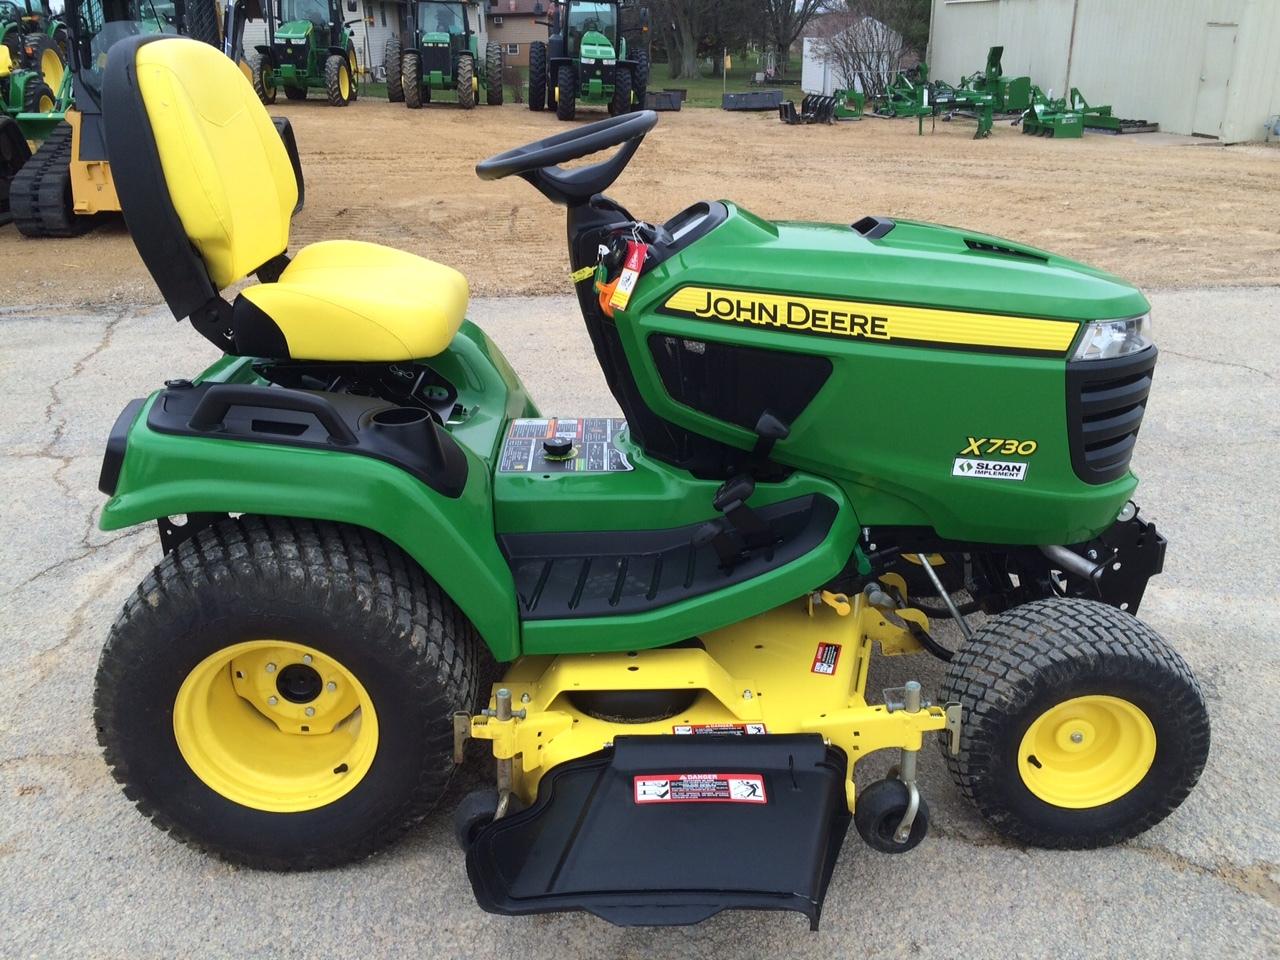 John Deere X730 Lawn Garden Tractors For Sale 53708